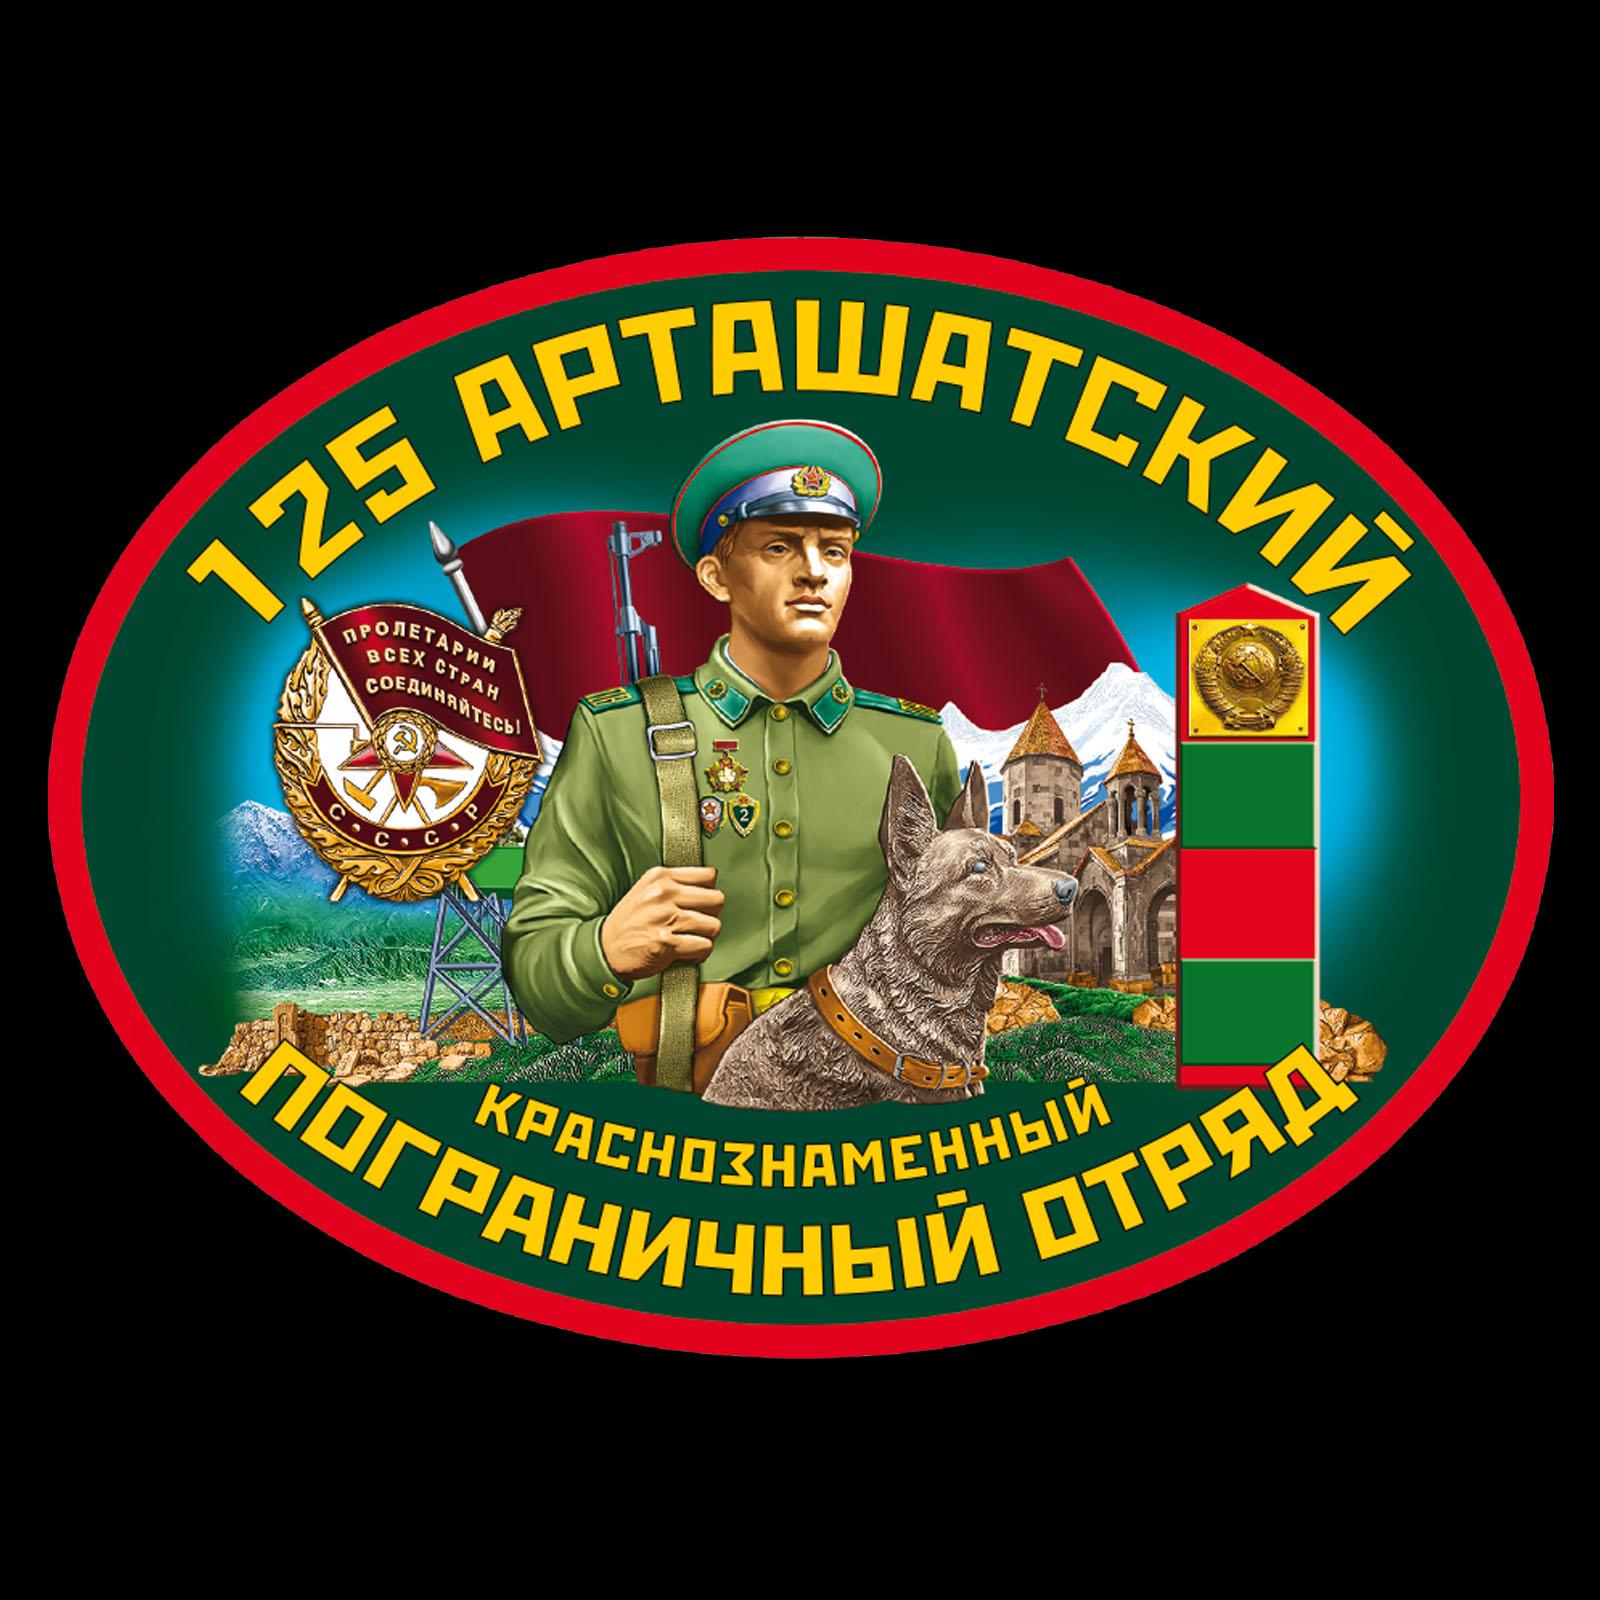 Футболка 125 Арташатский пограничный отряд